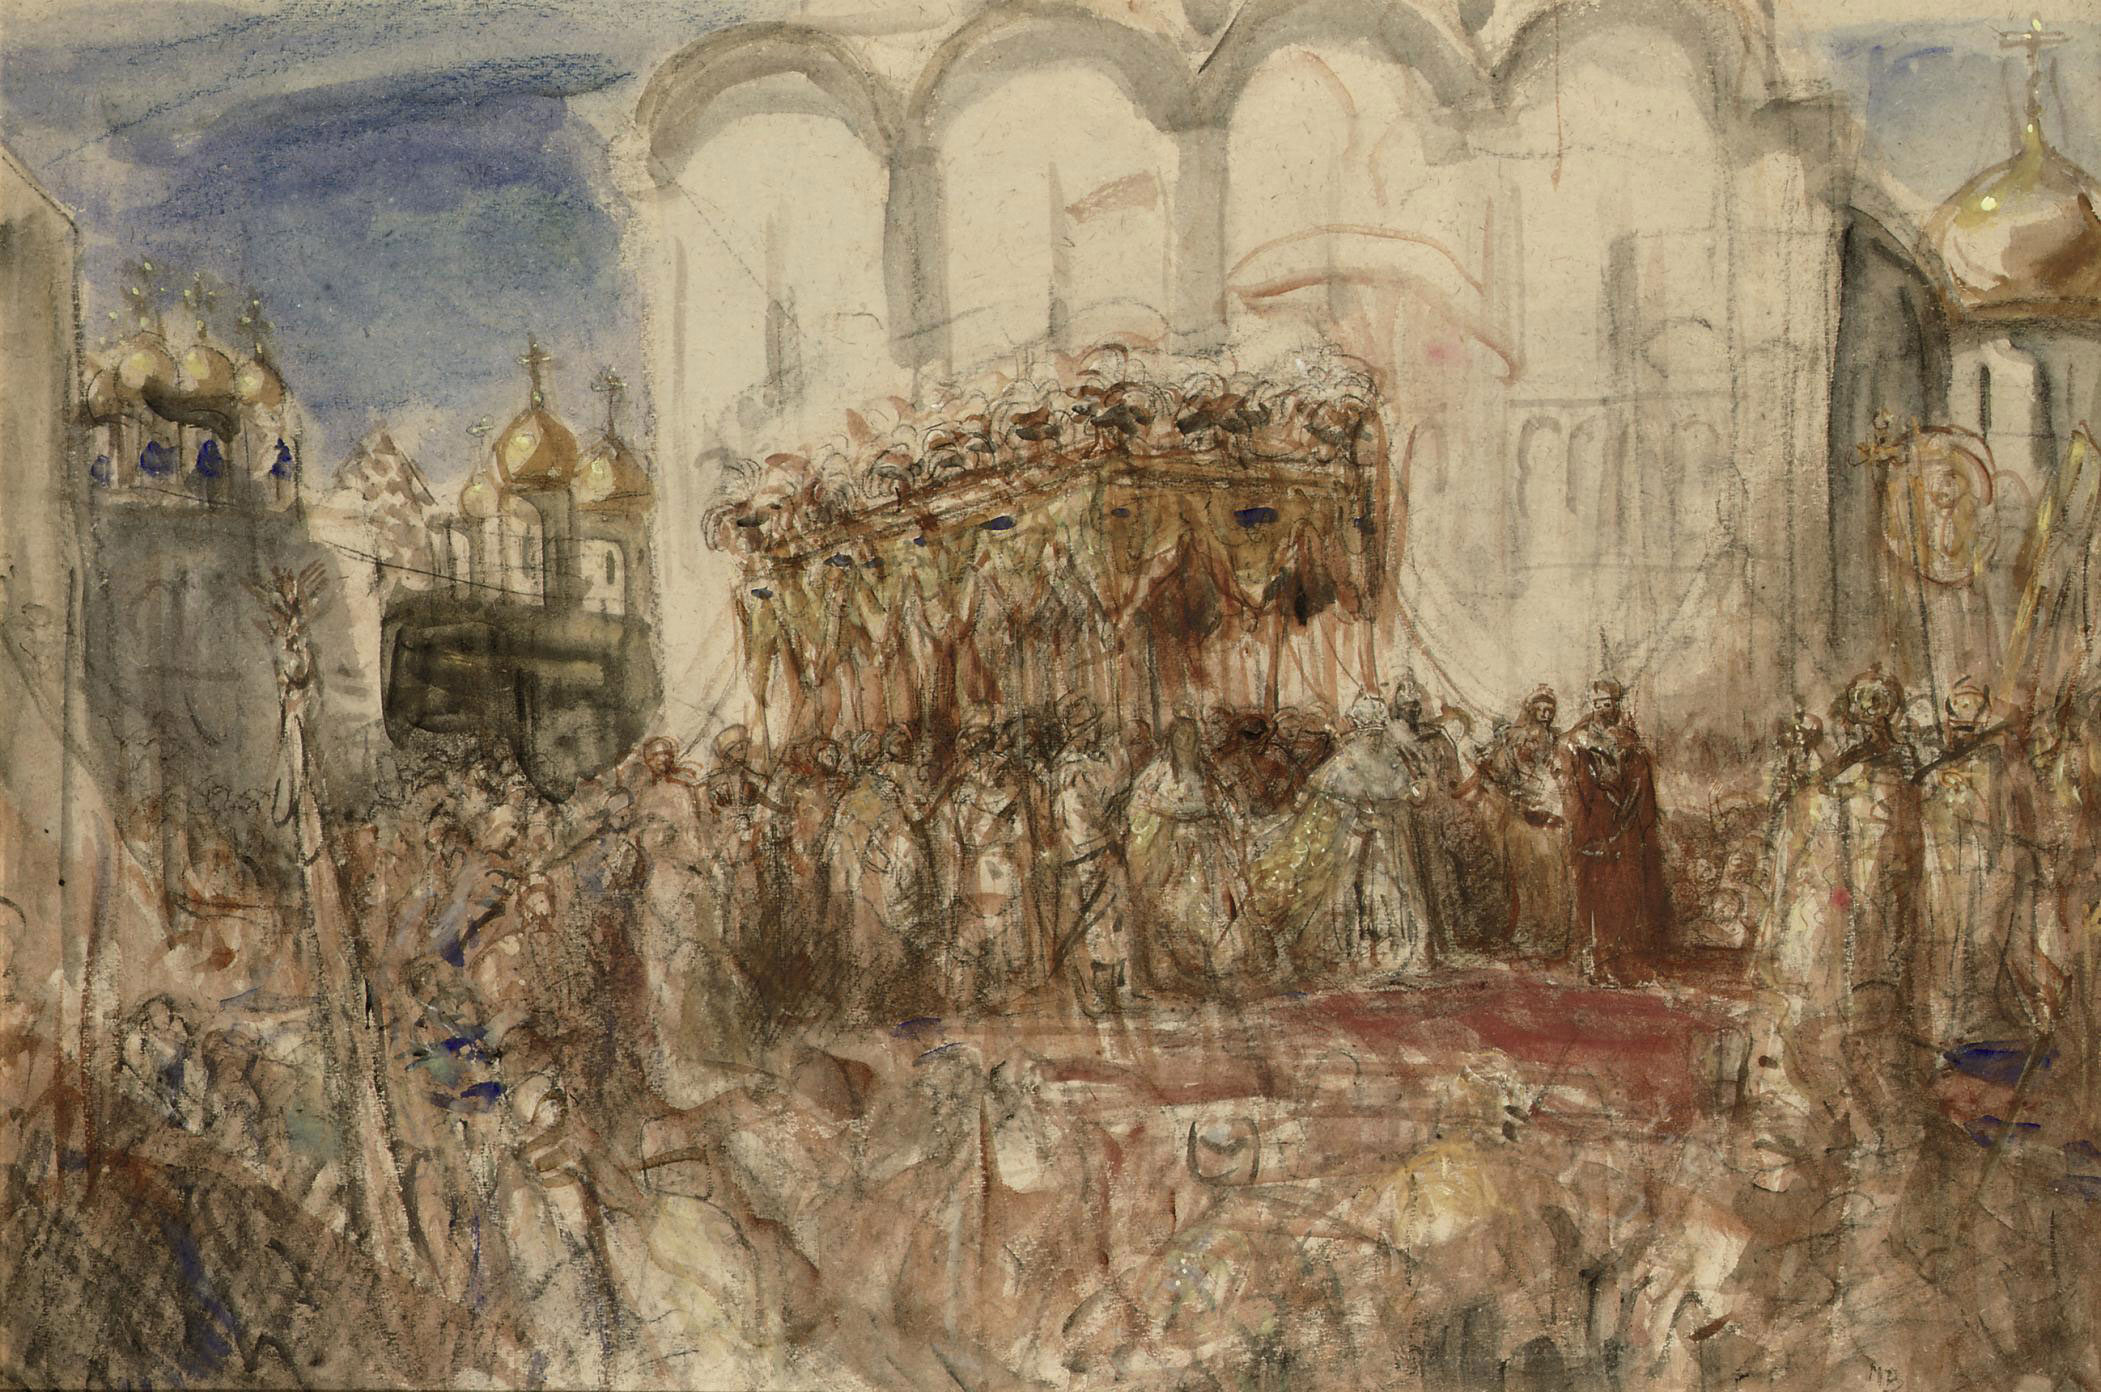 Kroning Czaar: czar Nicolaas II after the crowning in 1896, Moskou